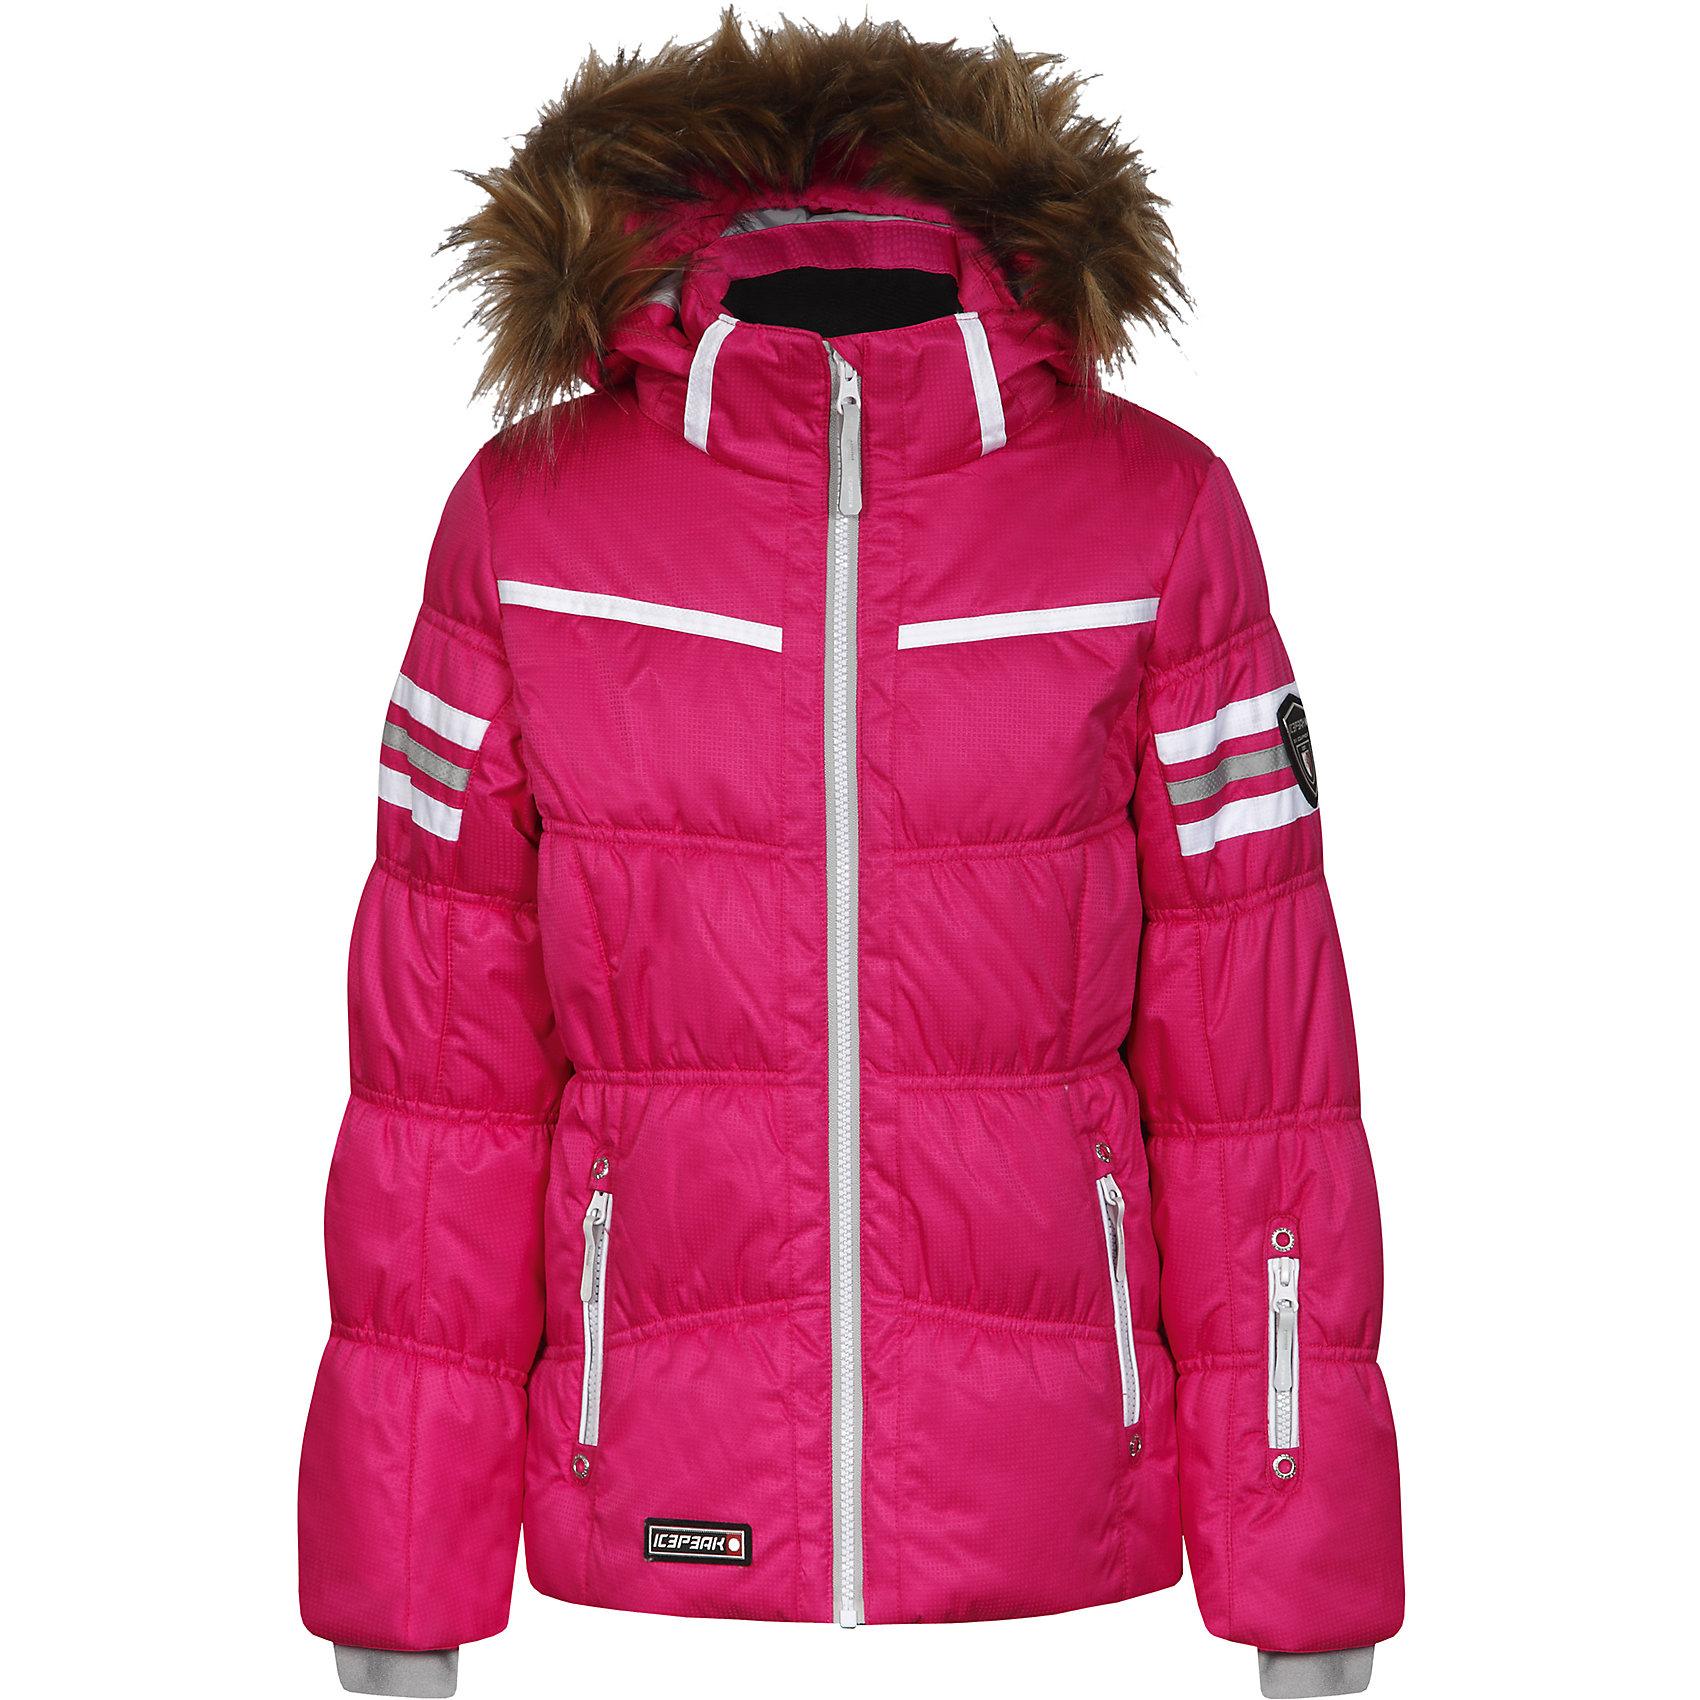 """Куртка для девочки ICEPEAKКуртка для девочки ICEPEAK. <br><br>Состав: 100% полиэстер <br><br>Куртка с отстегивающимся капюшоном<br>Капюшон с искусственным мехом<br>Молния закрыта планкой<br>Сформированный локоть<br>Утяжка в нижней части куртки<br>Снегозащитная юбка<br>Внутренний трикотажный манжет на рукаве<br>Утепленные и мягкие боковые карманы на молнии<br>Мягкий и теплый внутренний воротник<br>Карман для ski pass на рукаве<br>Светоотражающие элементы<br>Искусственный утеплитель  Finnwad, утепление 245/200 гр.<br>Рекомендуемый температурный режим до -30 °.<br><br>Технологии: <br>IceTech, 2000/2000<br>""""Дышаший"""" и водонепроницаемый материал с характеристиками  2000mm/2000g/m2/24h, надёжно защищает от ветра и дождя<br>Children's safety<br>Изделия бренда произведены в полном соответствии с требованиями безопасности для детей: отстегивающийся капюшон, безопасная утягивающаяся тесьма в кармашках, светоотражатели.<br>Reflectors<br>Эффективные светоотражатели позволят чувствовать себя в безопасности в любых погодных условиях, особенно в темное время суток.<br><br>Ширина мм: 356<br>Глубина мм: 10<br>Высота мм: 245<br>Вес г: 519<br>Цвет: розовый<br>Возраст от месяцев: 180<br>Возраст до месяцев: 192<br>Пол: Женский<br>Возраст: Детский<br>Размер: 152,128,140,164,176<br>SKU: 4220642"""